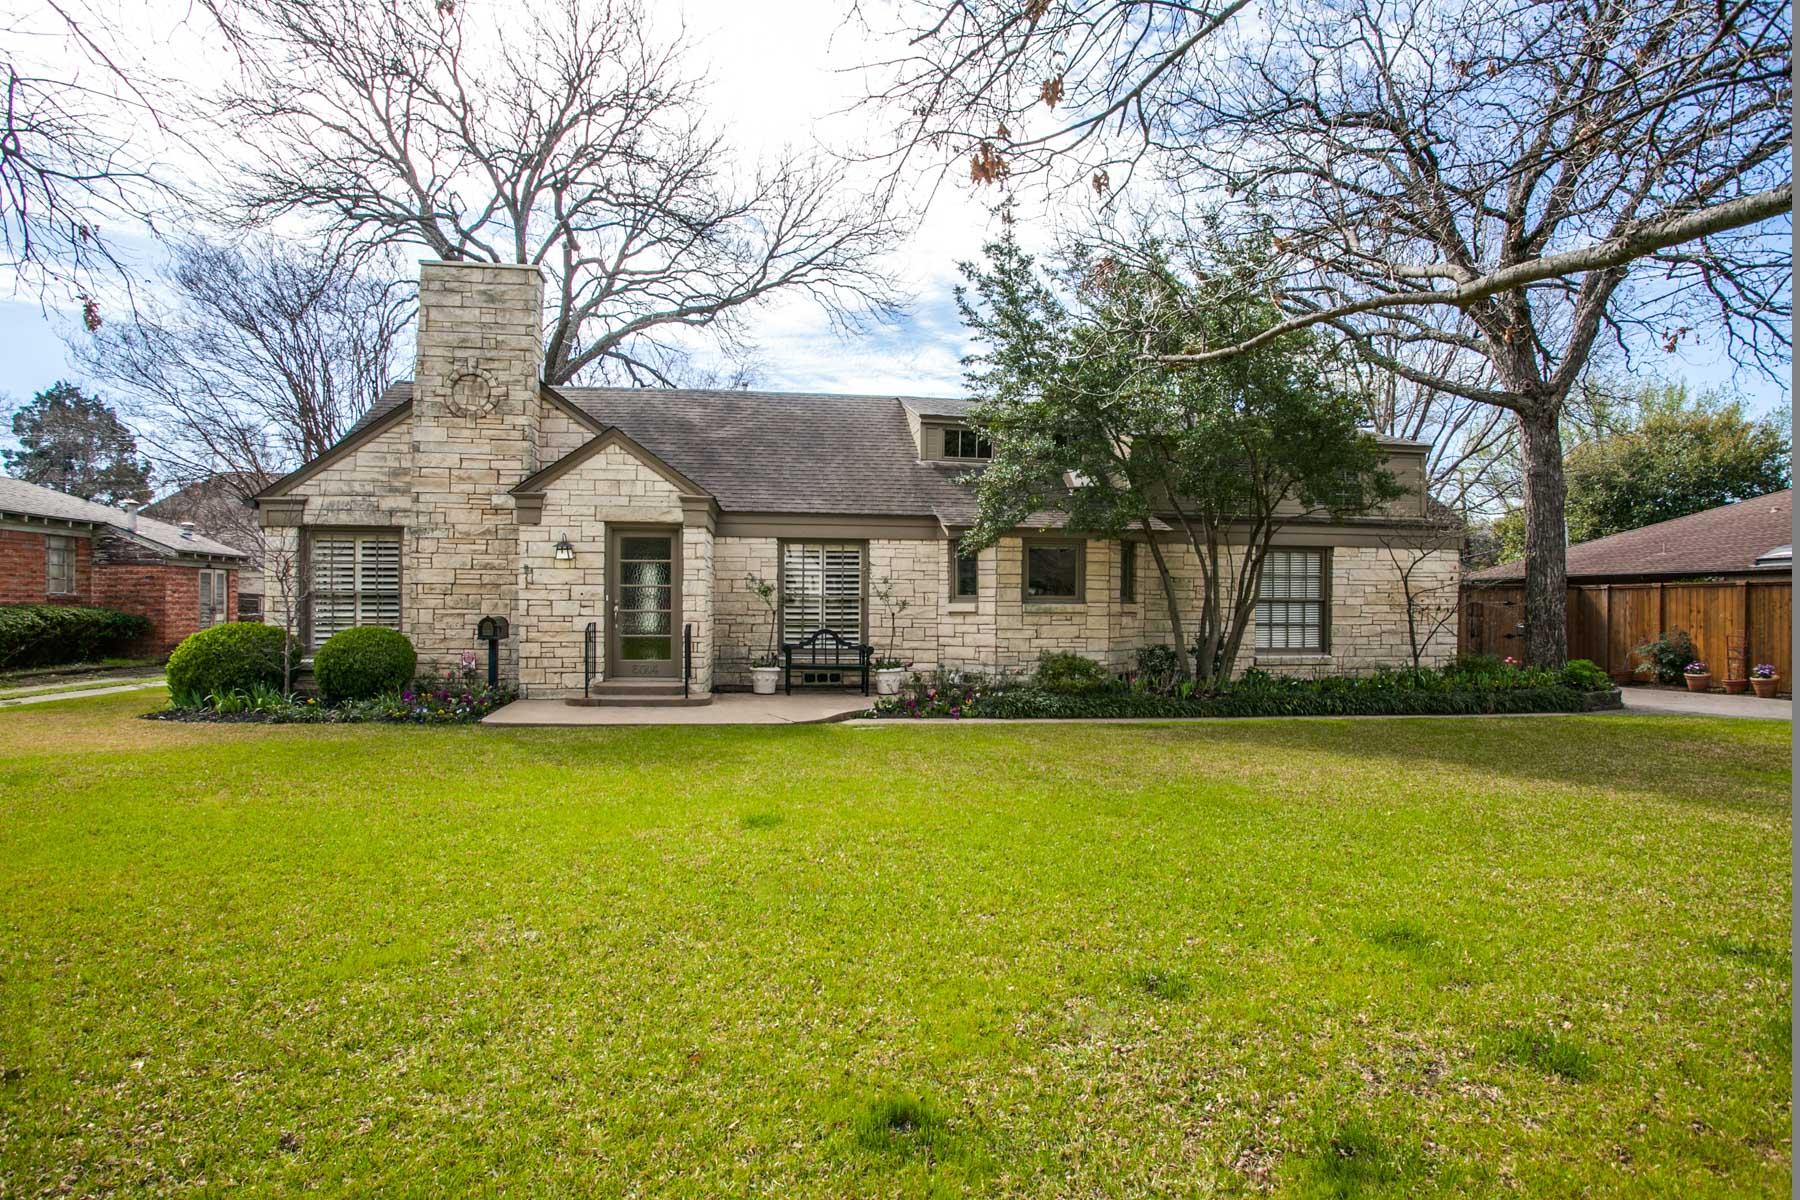 Maison unifamiliale pour l Vente à Preston Hollow Traditional on Treed 0.617 Acre Lot 6014 Northwood Road Dallas, Texas, 75225 États-Unis